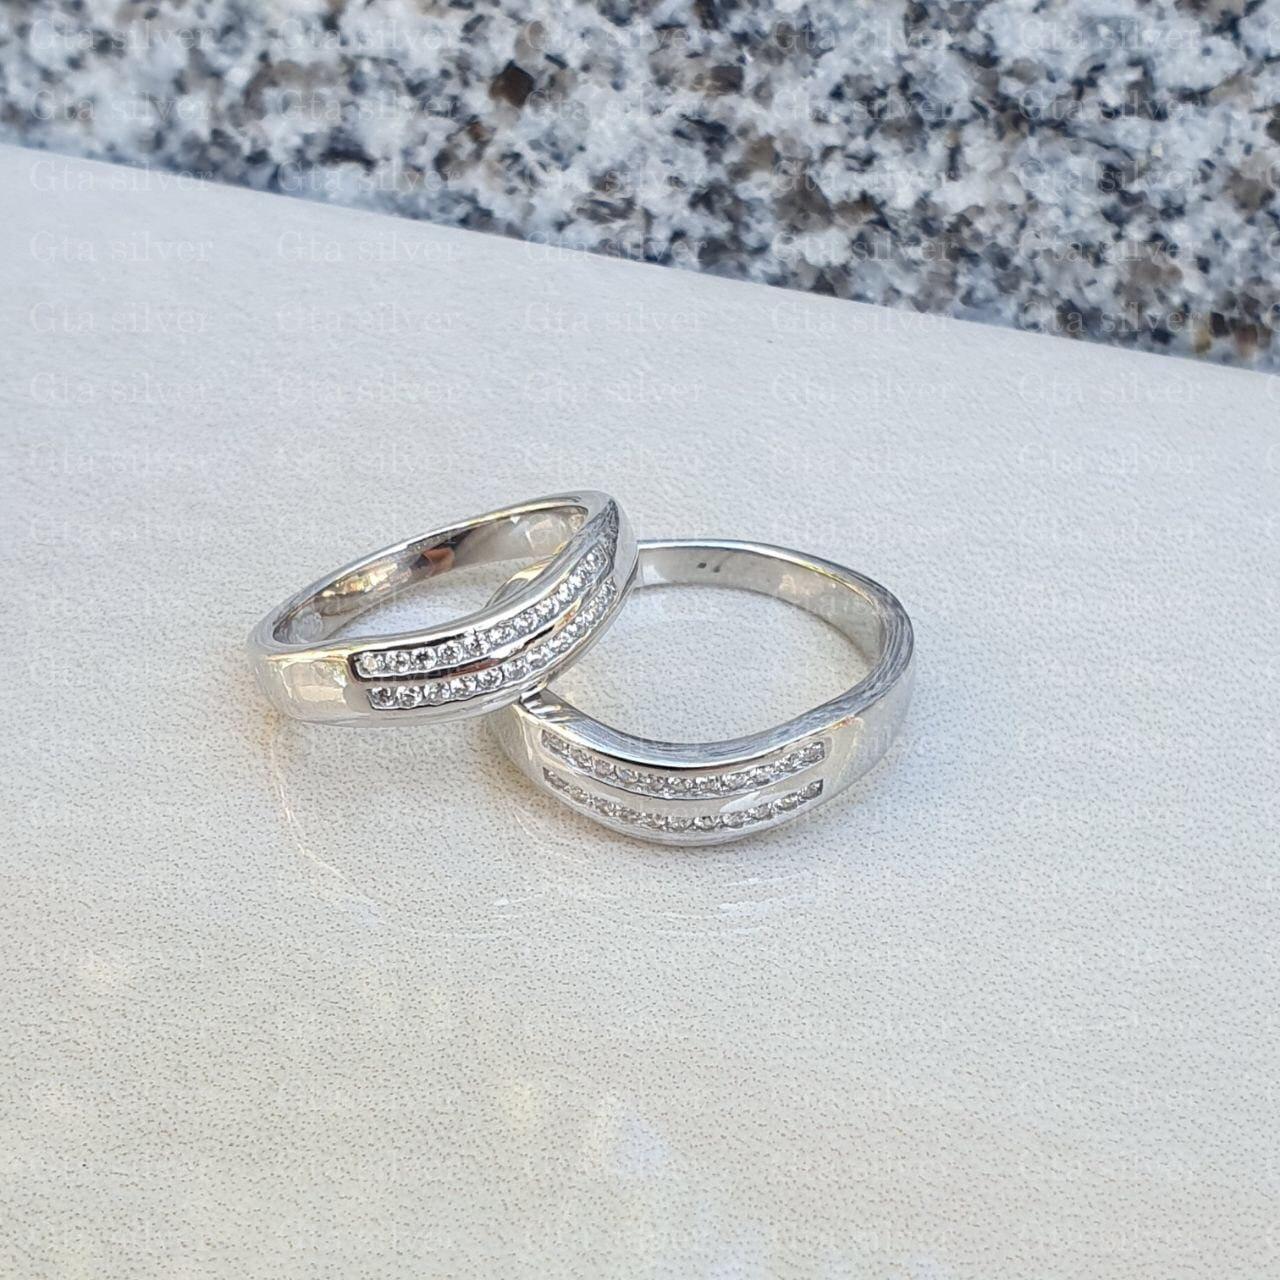 ست حلقه ازدواج وزن 8 گرم مدل 20